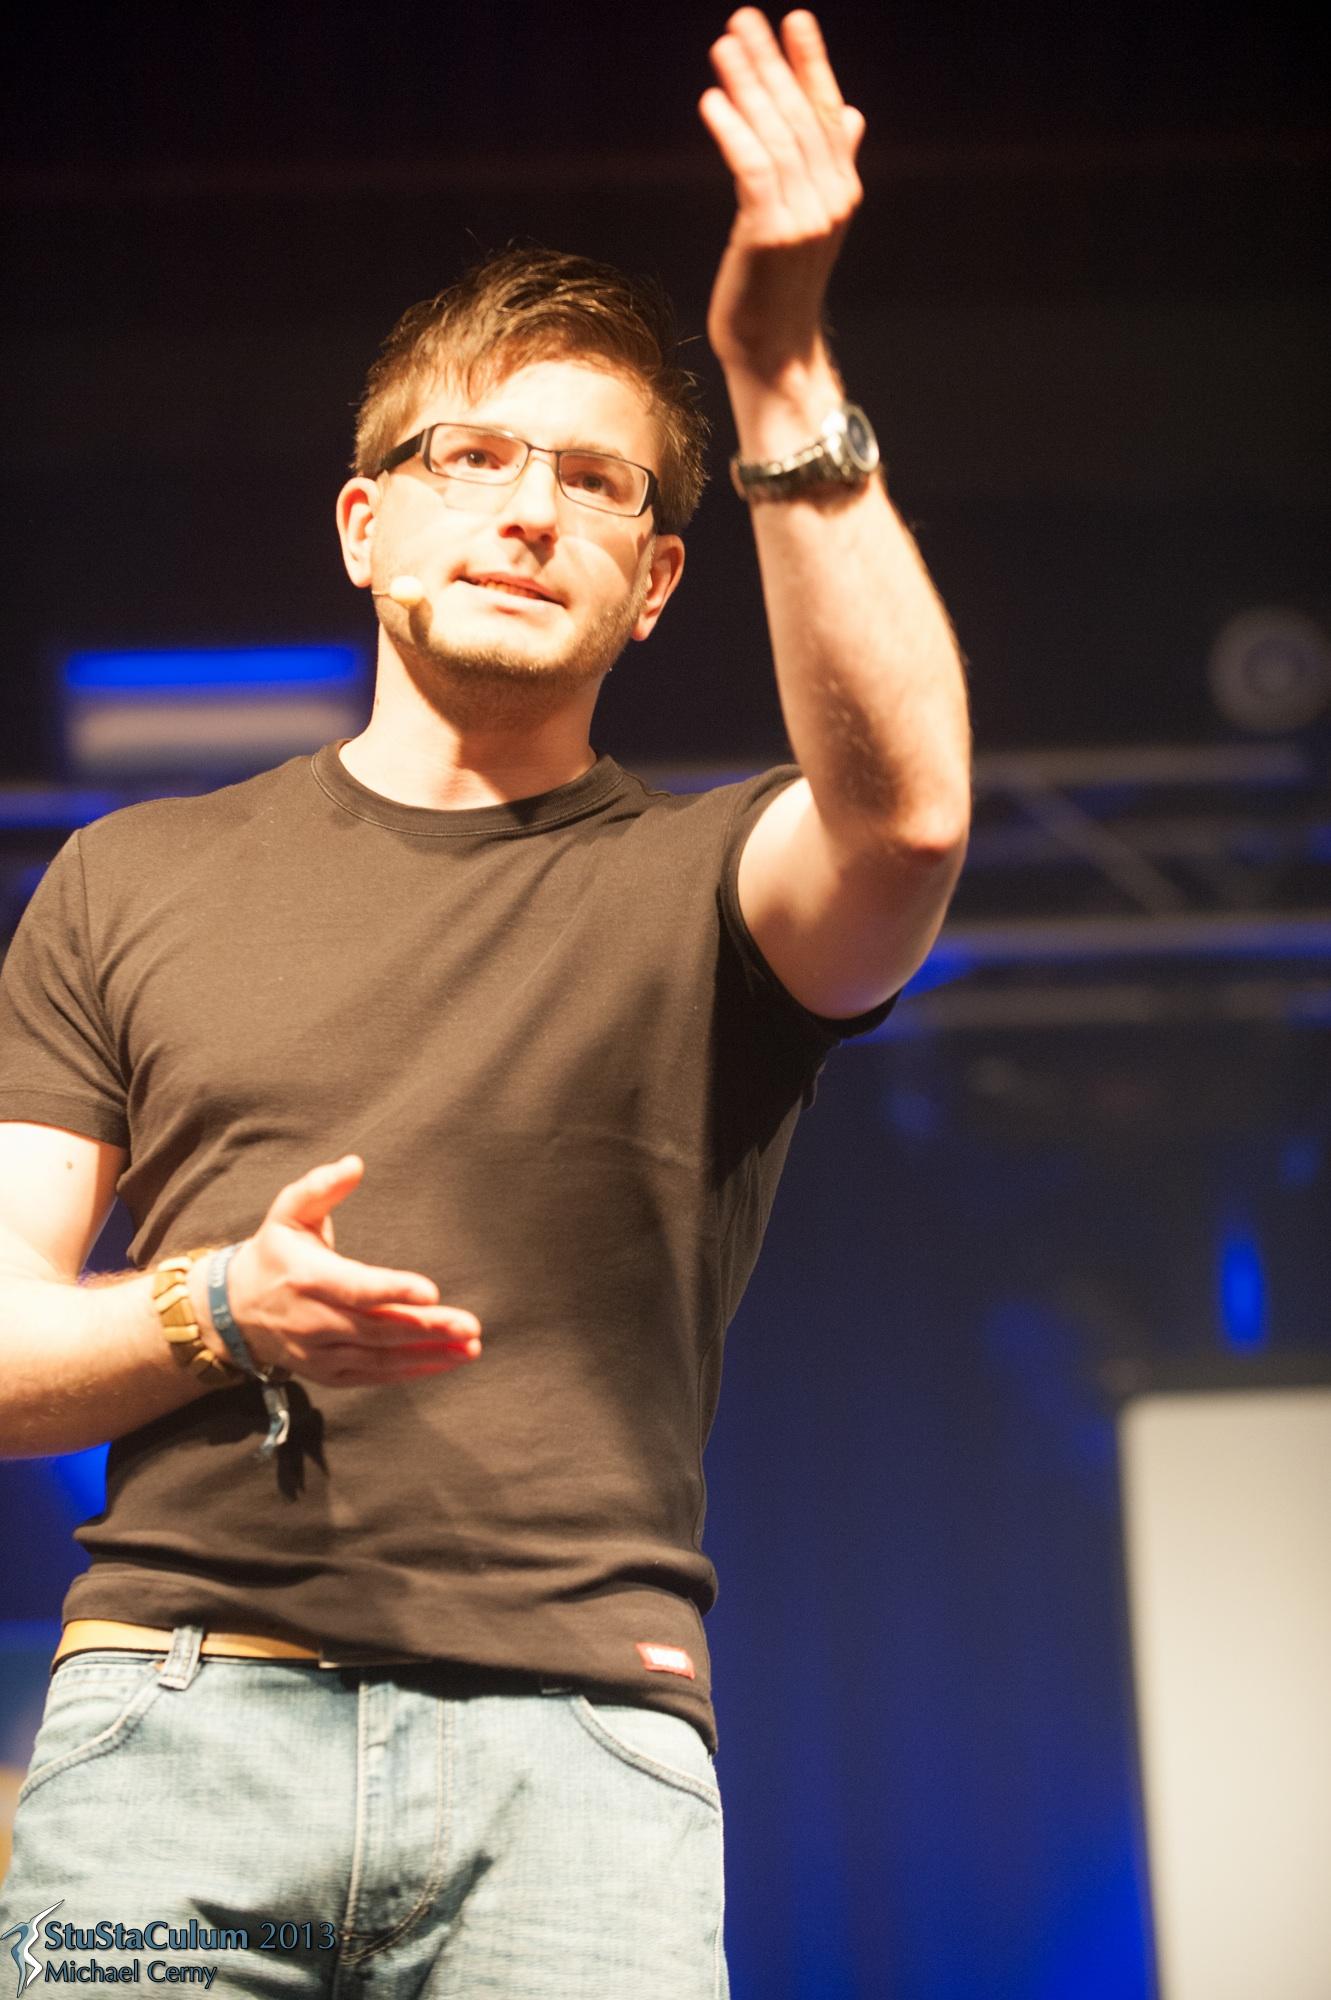 Martin Valenske 2